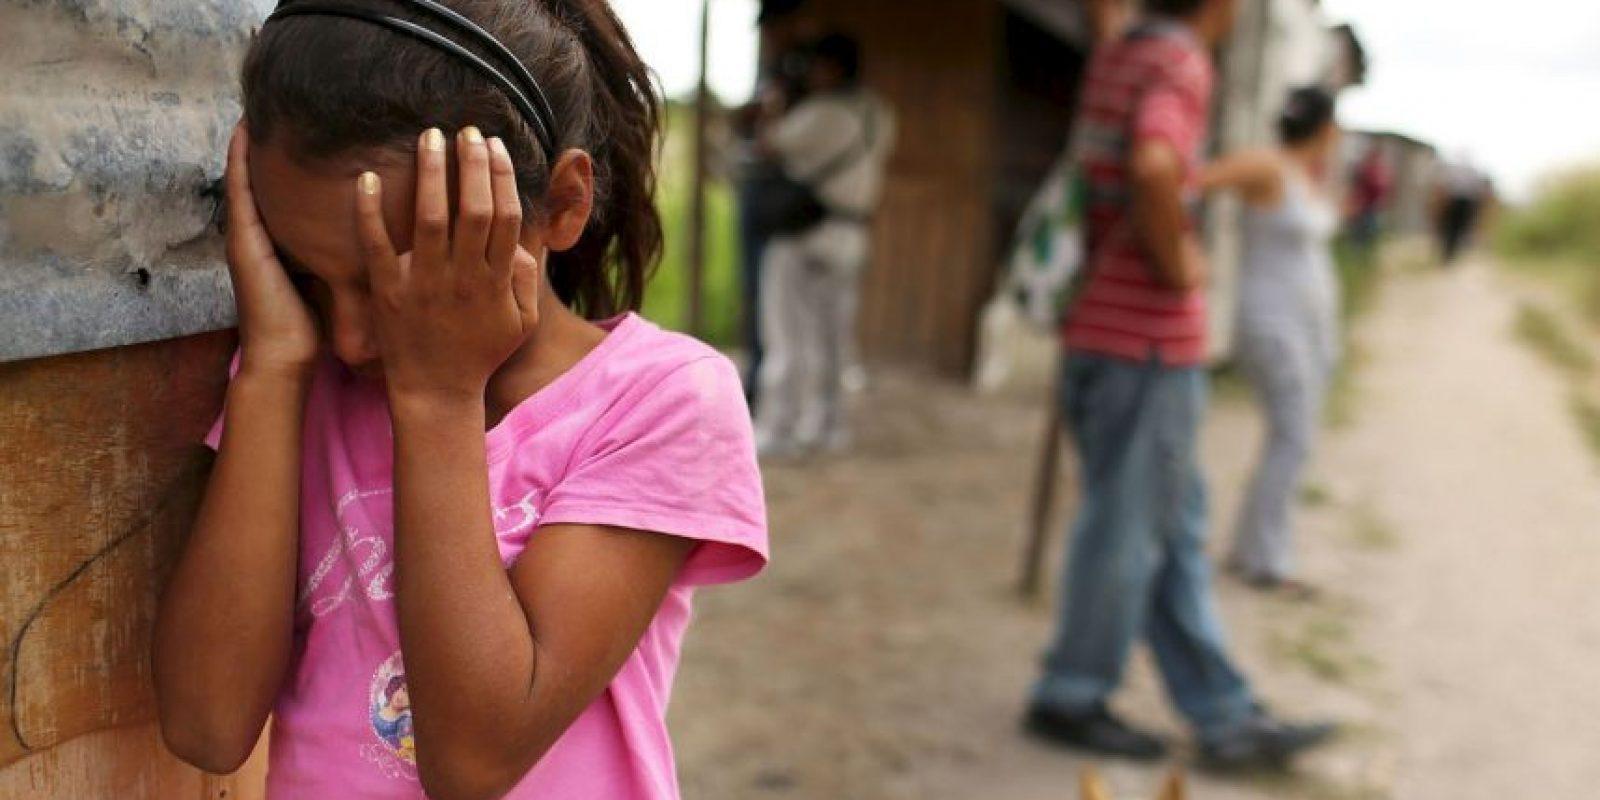 10. Se estima que únicamente uno de cada 36 casos de violación es denunciado. Foto:Getty